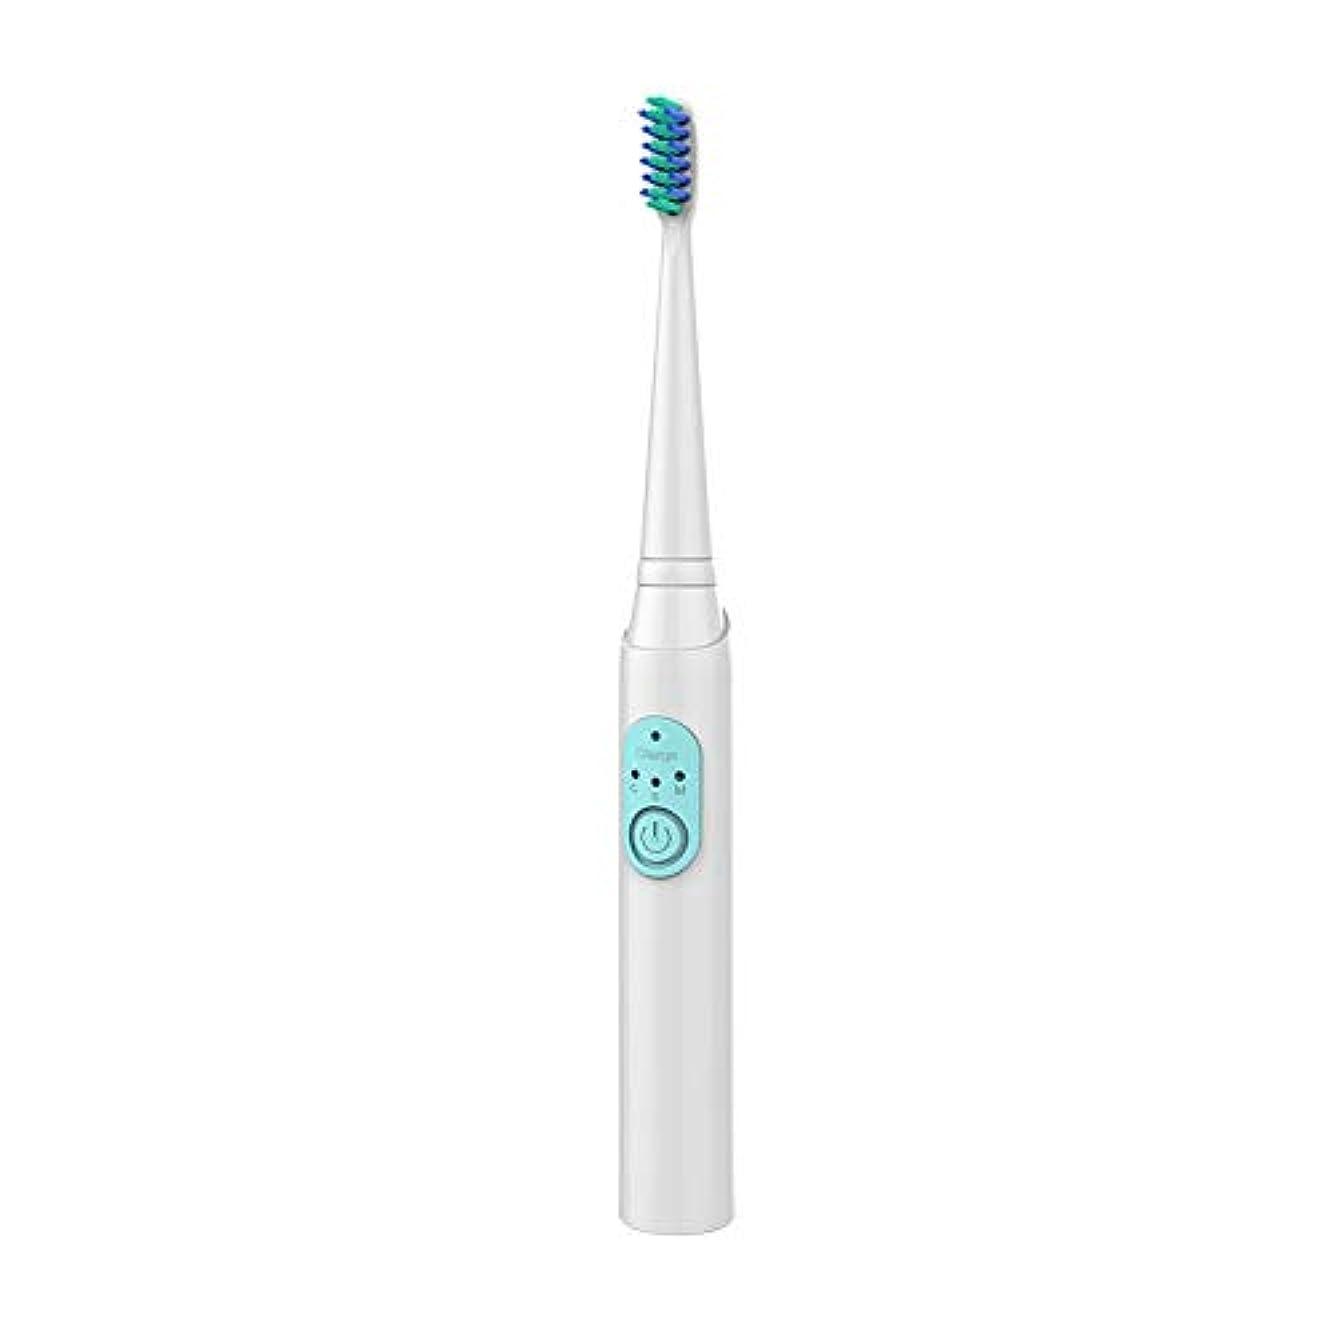 文字通り完全にからに変化するWen Ying 大人の電動歯ブラシ充電式ソニックホワイトニング歯自動防水電動歯ブラシヘッドソフトブラシ 電動歯ブラシ